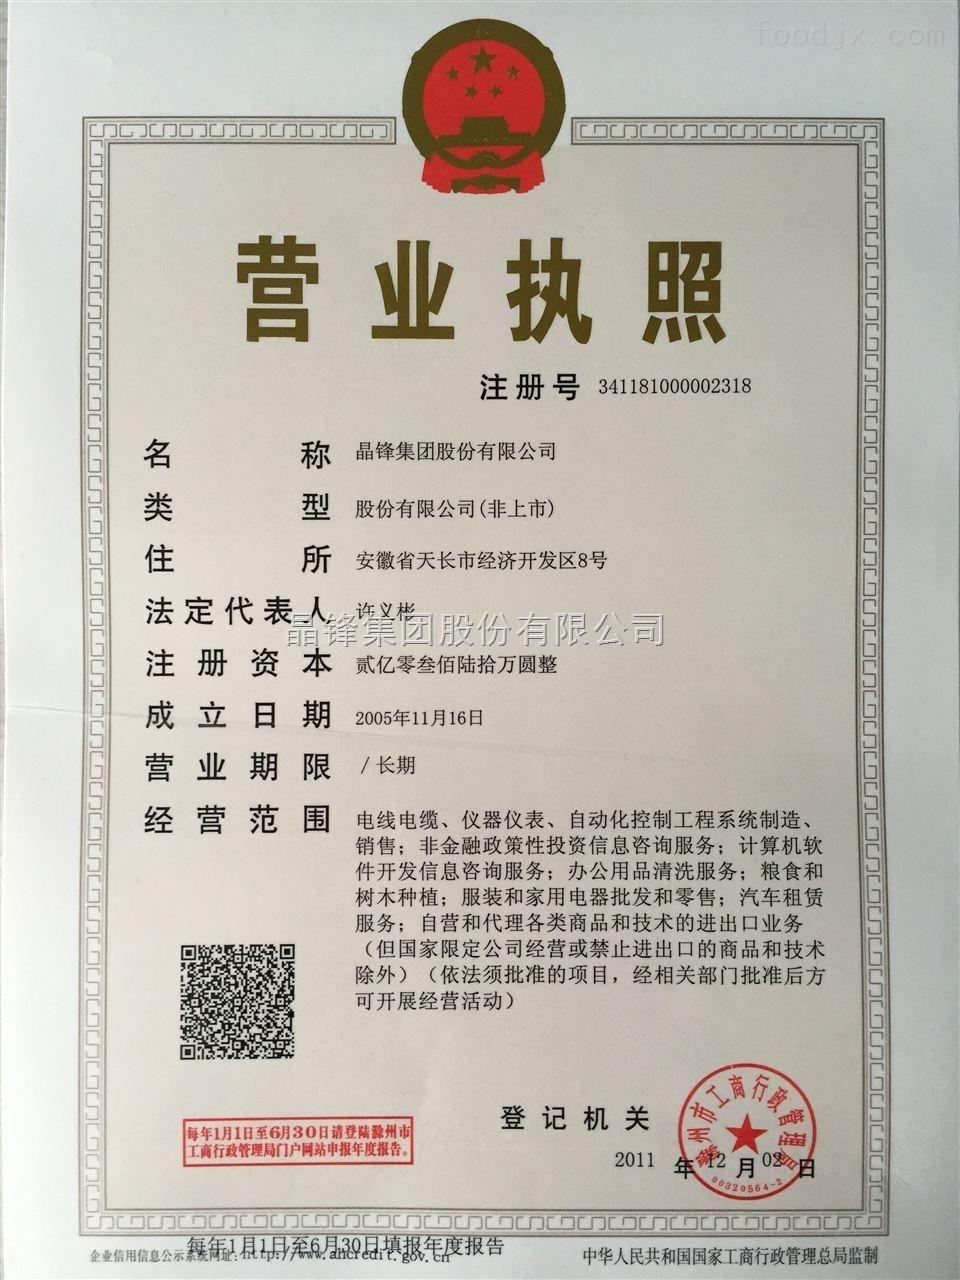 营业执照-荣誉证书-晶锋集团股份有限公司